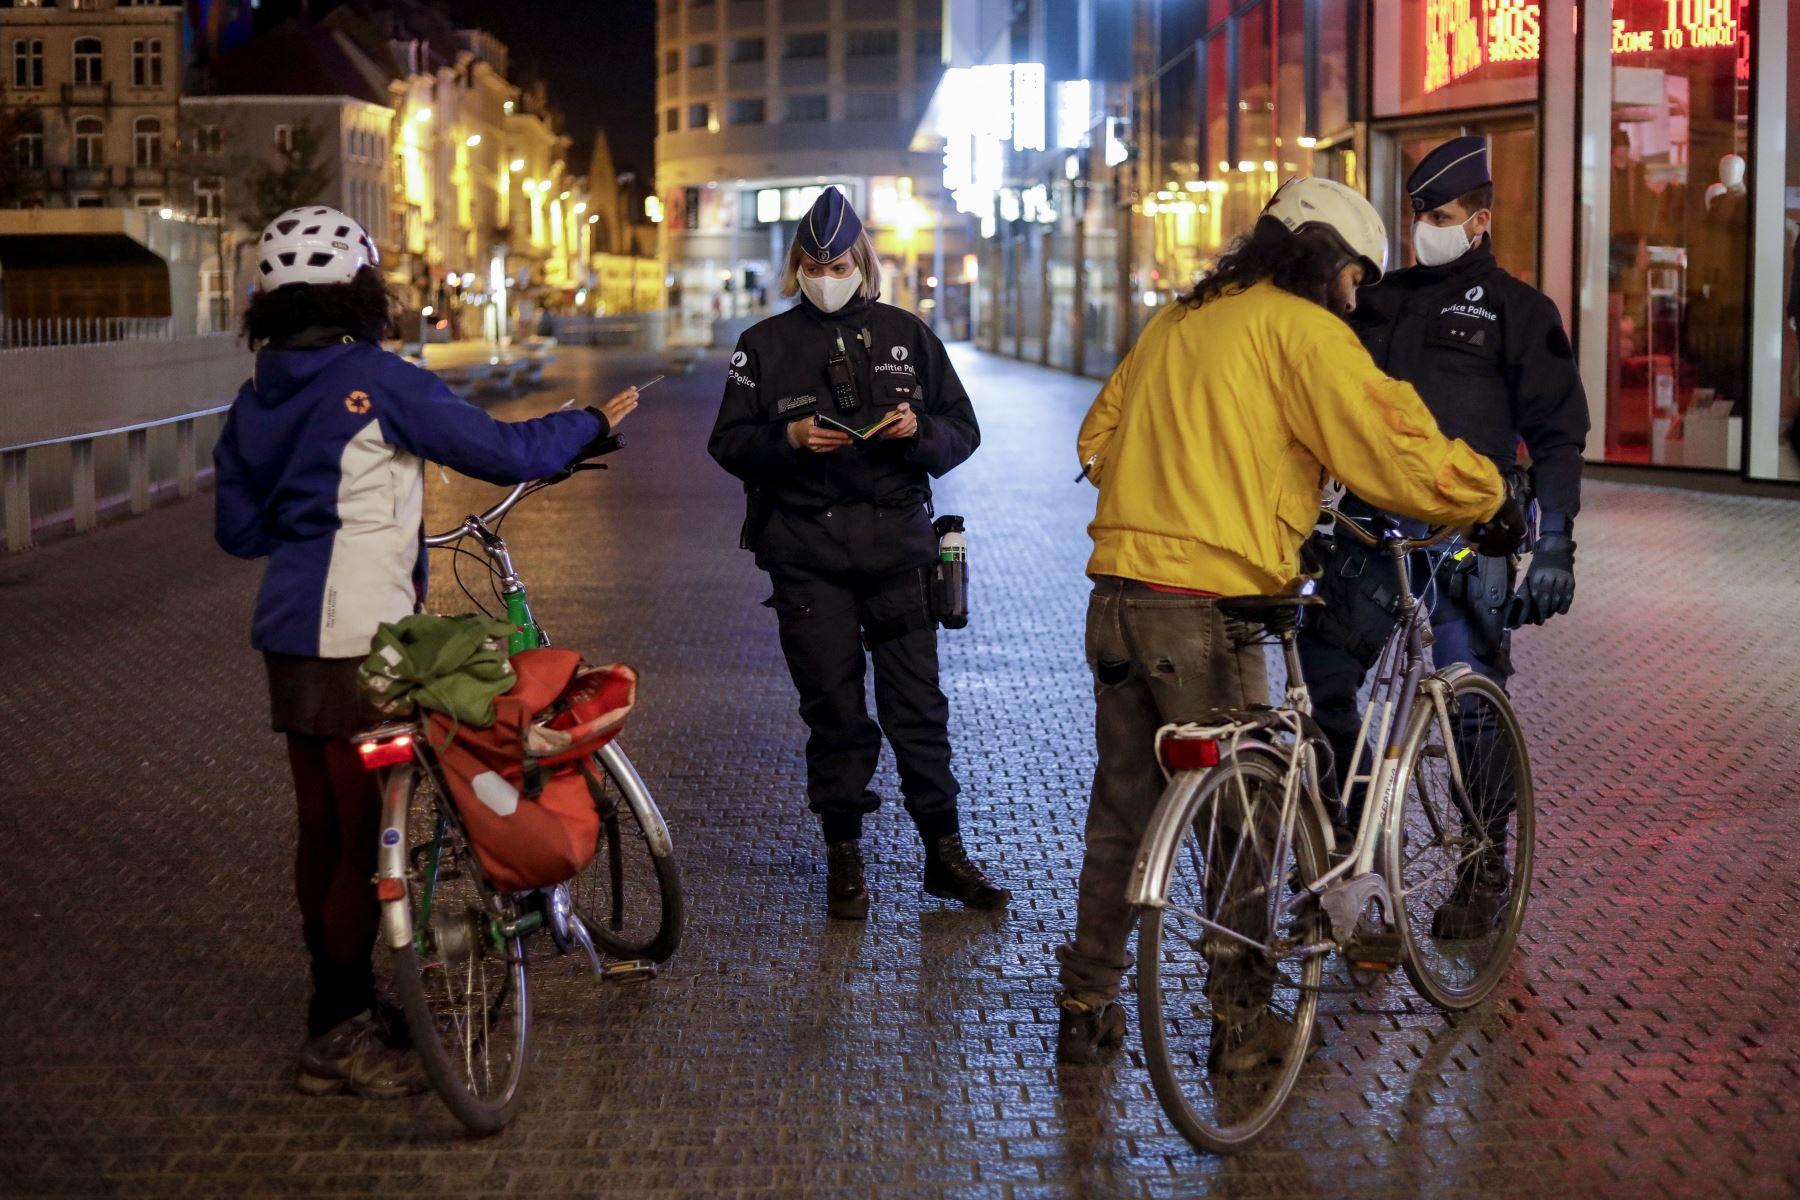 Bélgica se convierte en el país europeo más golpeado por segunda ola del covid-19